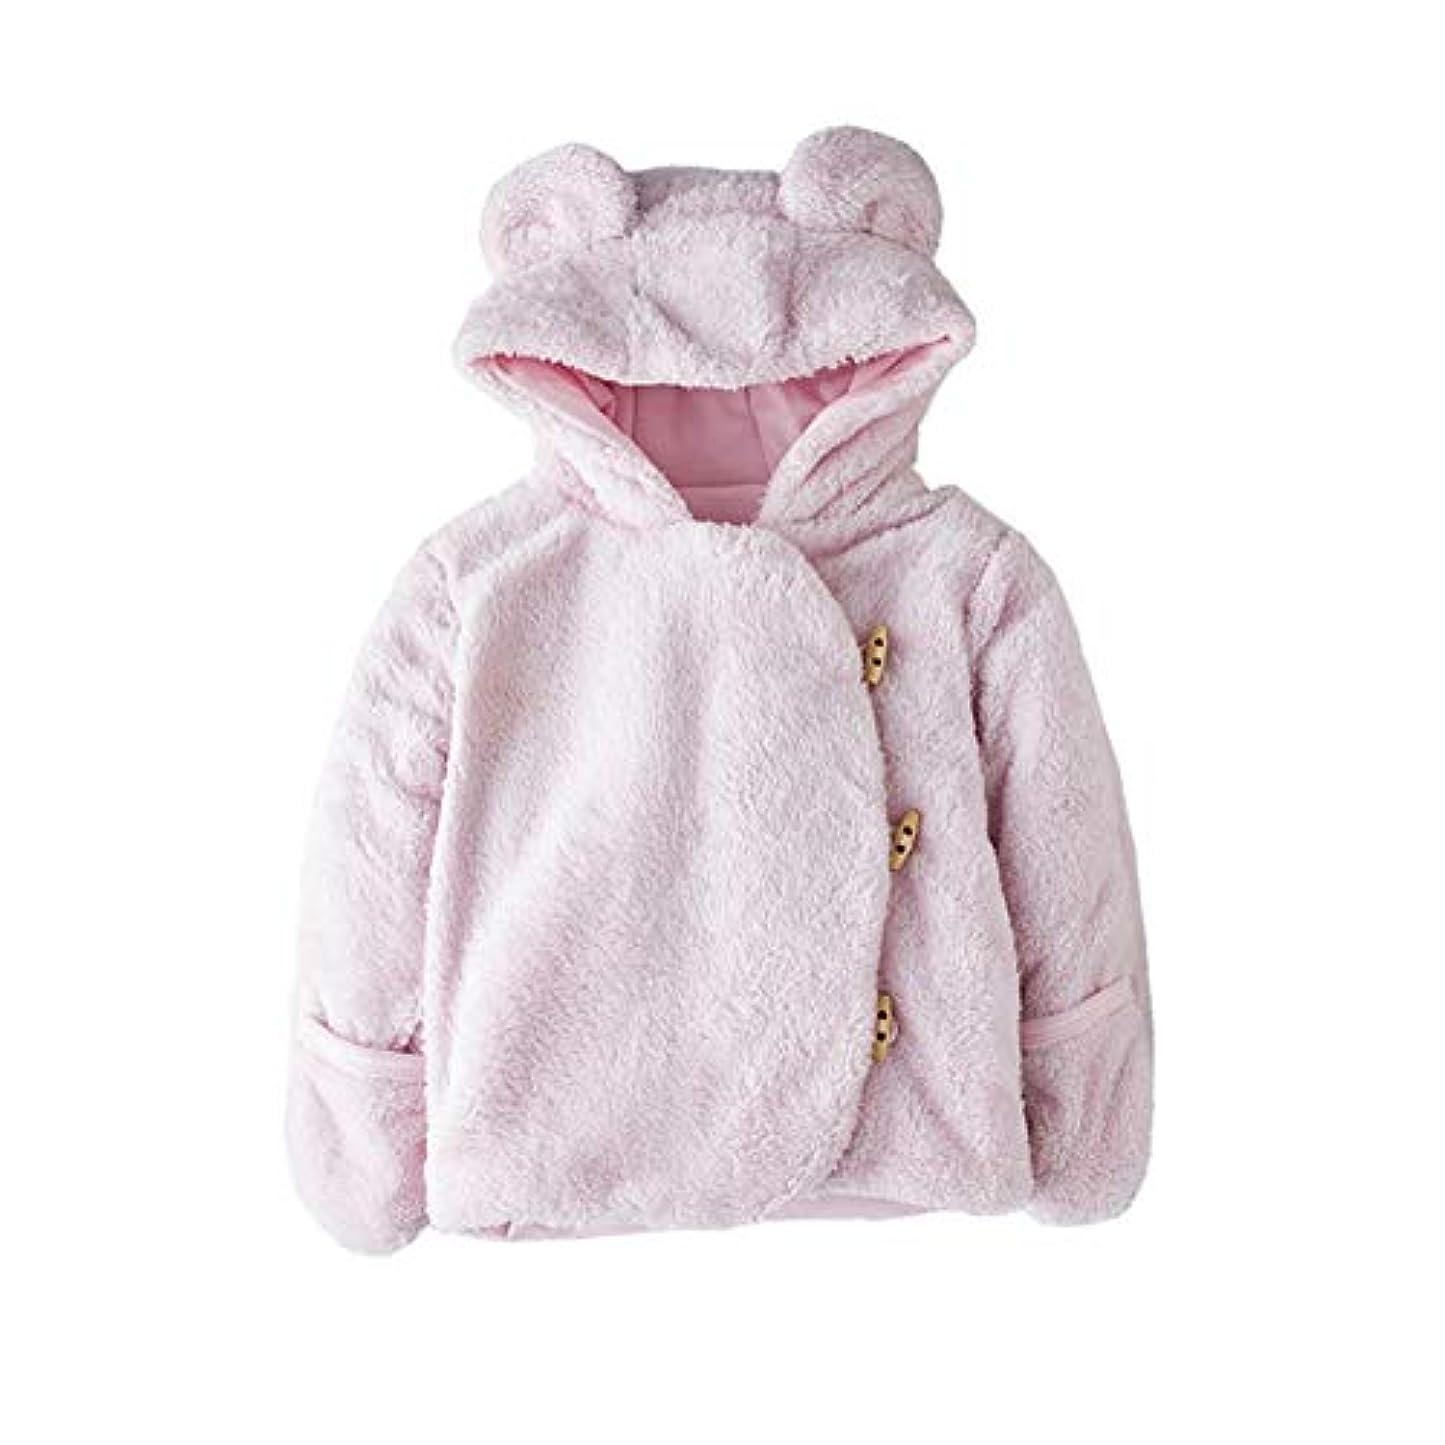 食物スキャンダルプレビューMilkiwai ベビー服 防寒ジャケット フード付き コート 防寒着 熊柄 長袖 男の子 女の子 size 36M (ピンク)